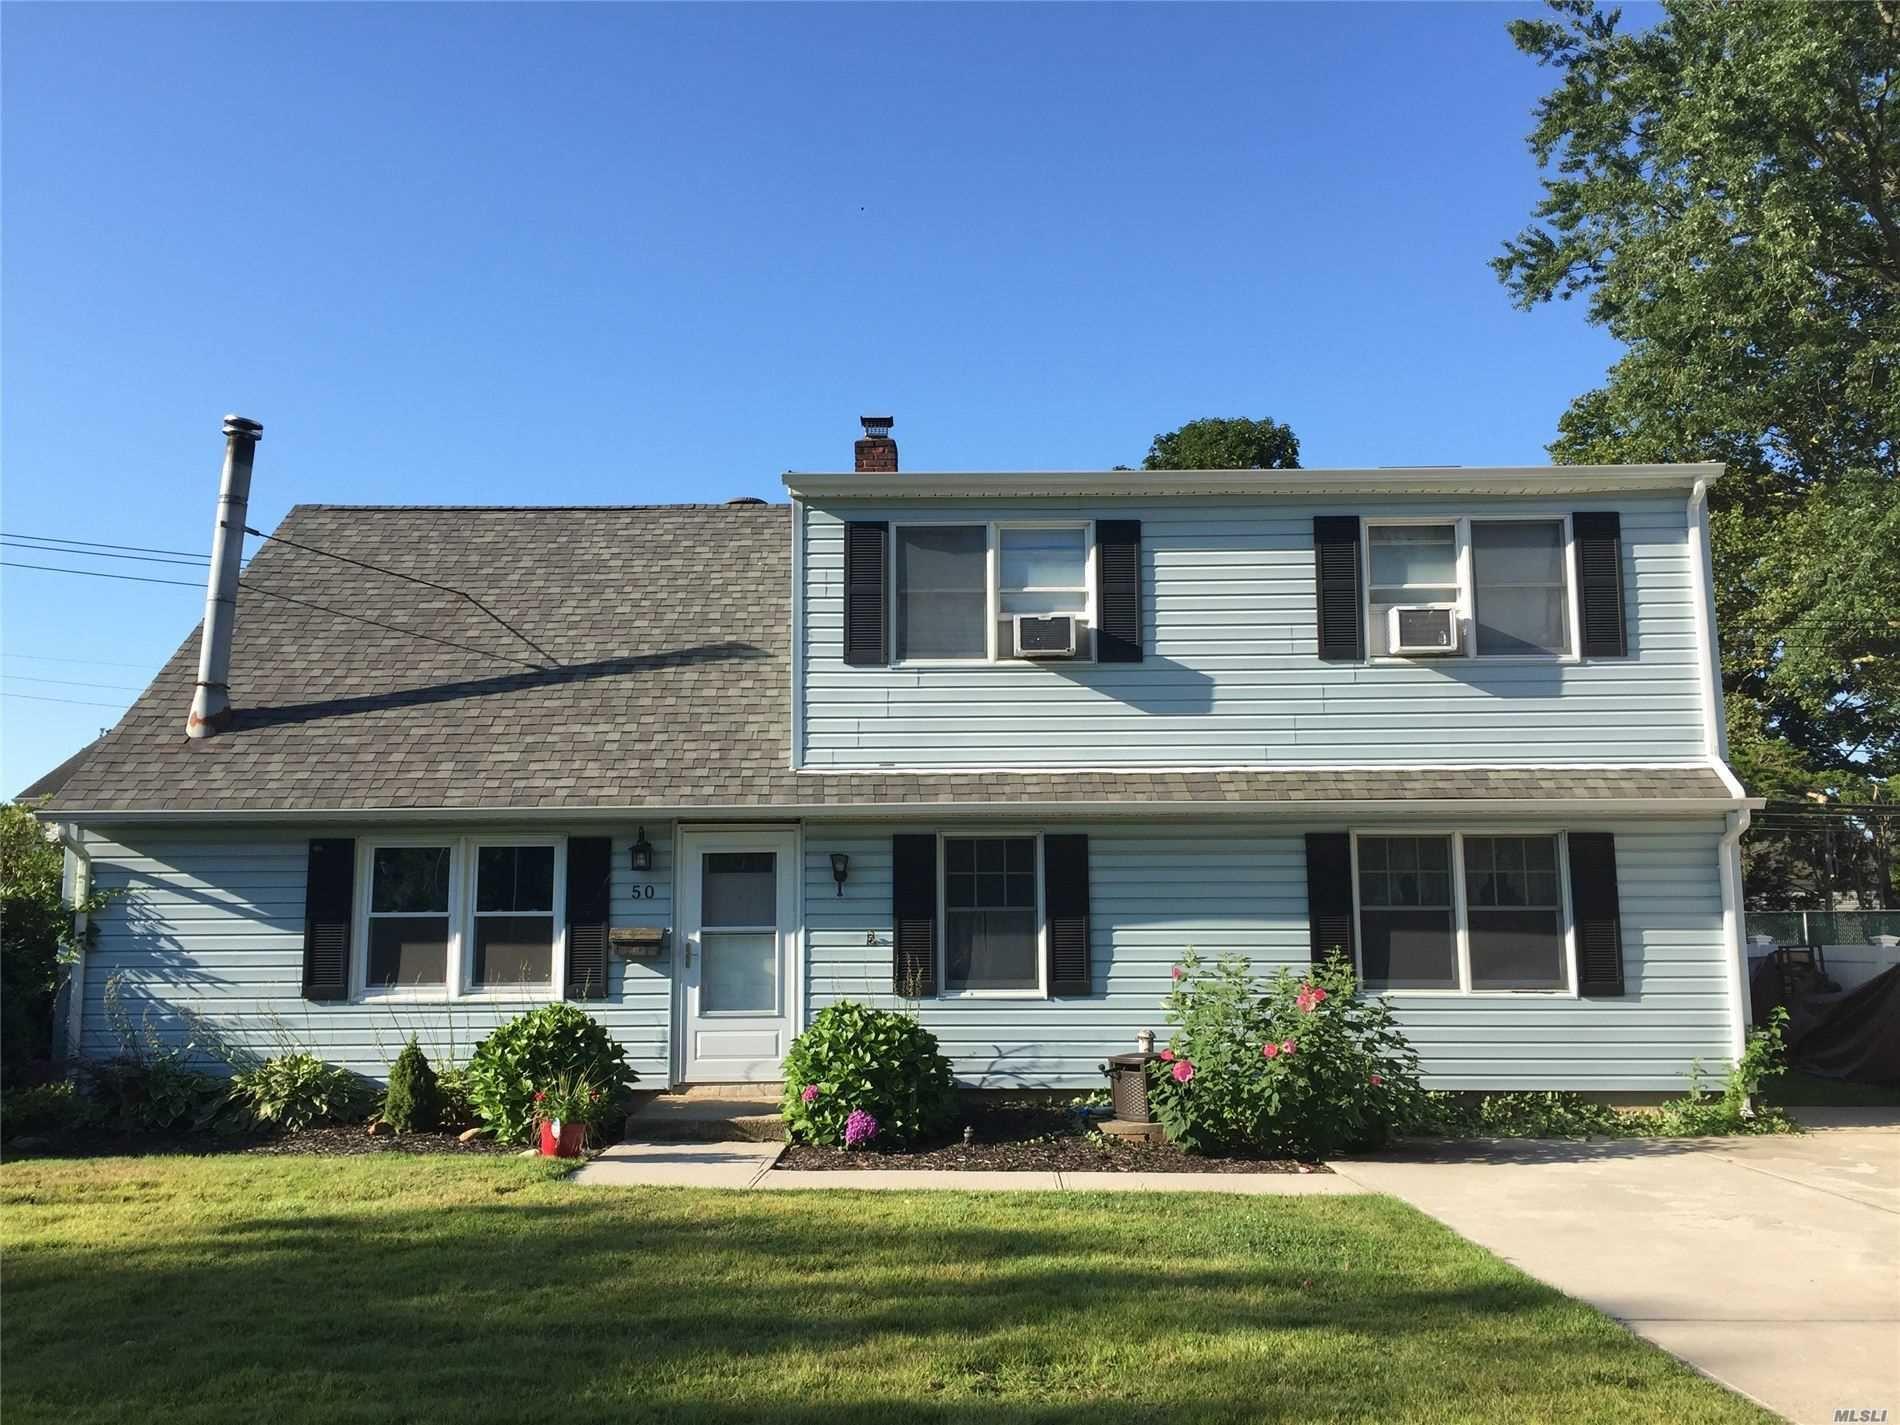 50 Hickory Lane, Levittown, NY 11756 - MLS#: 3200391